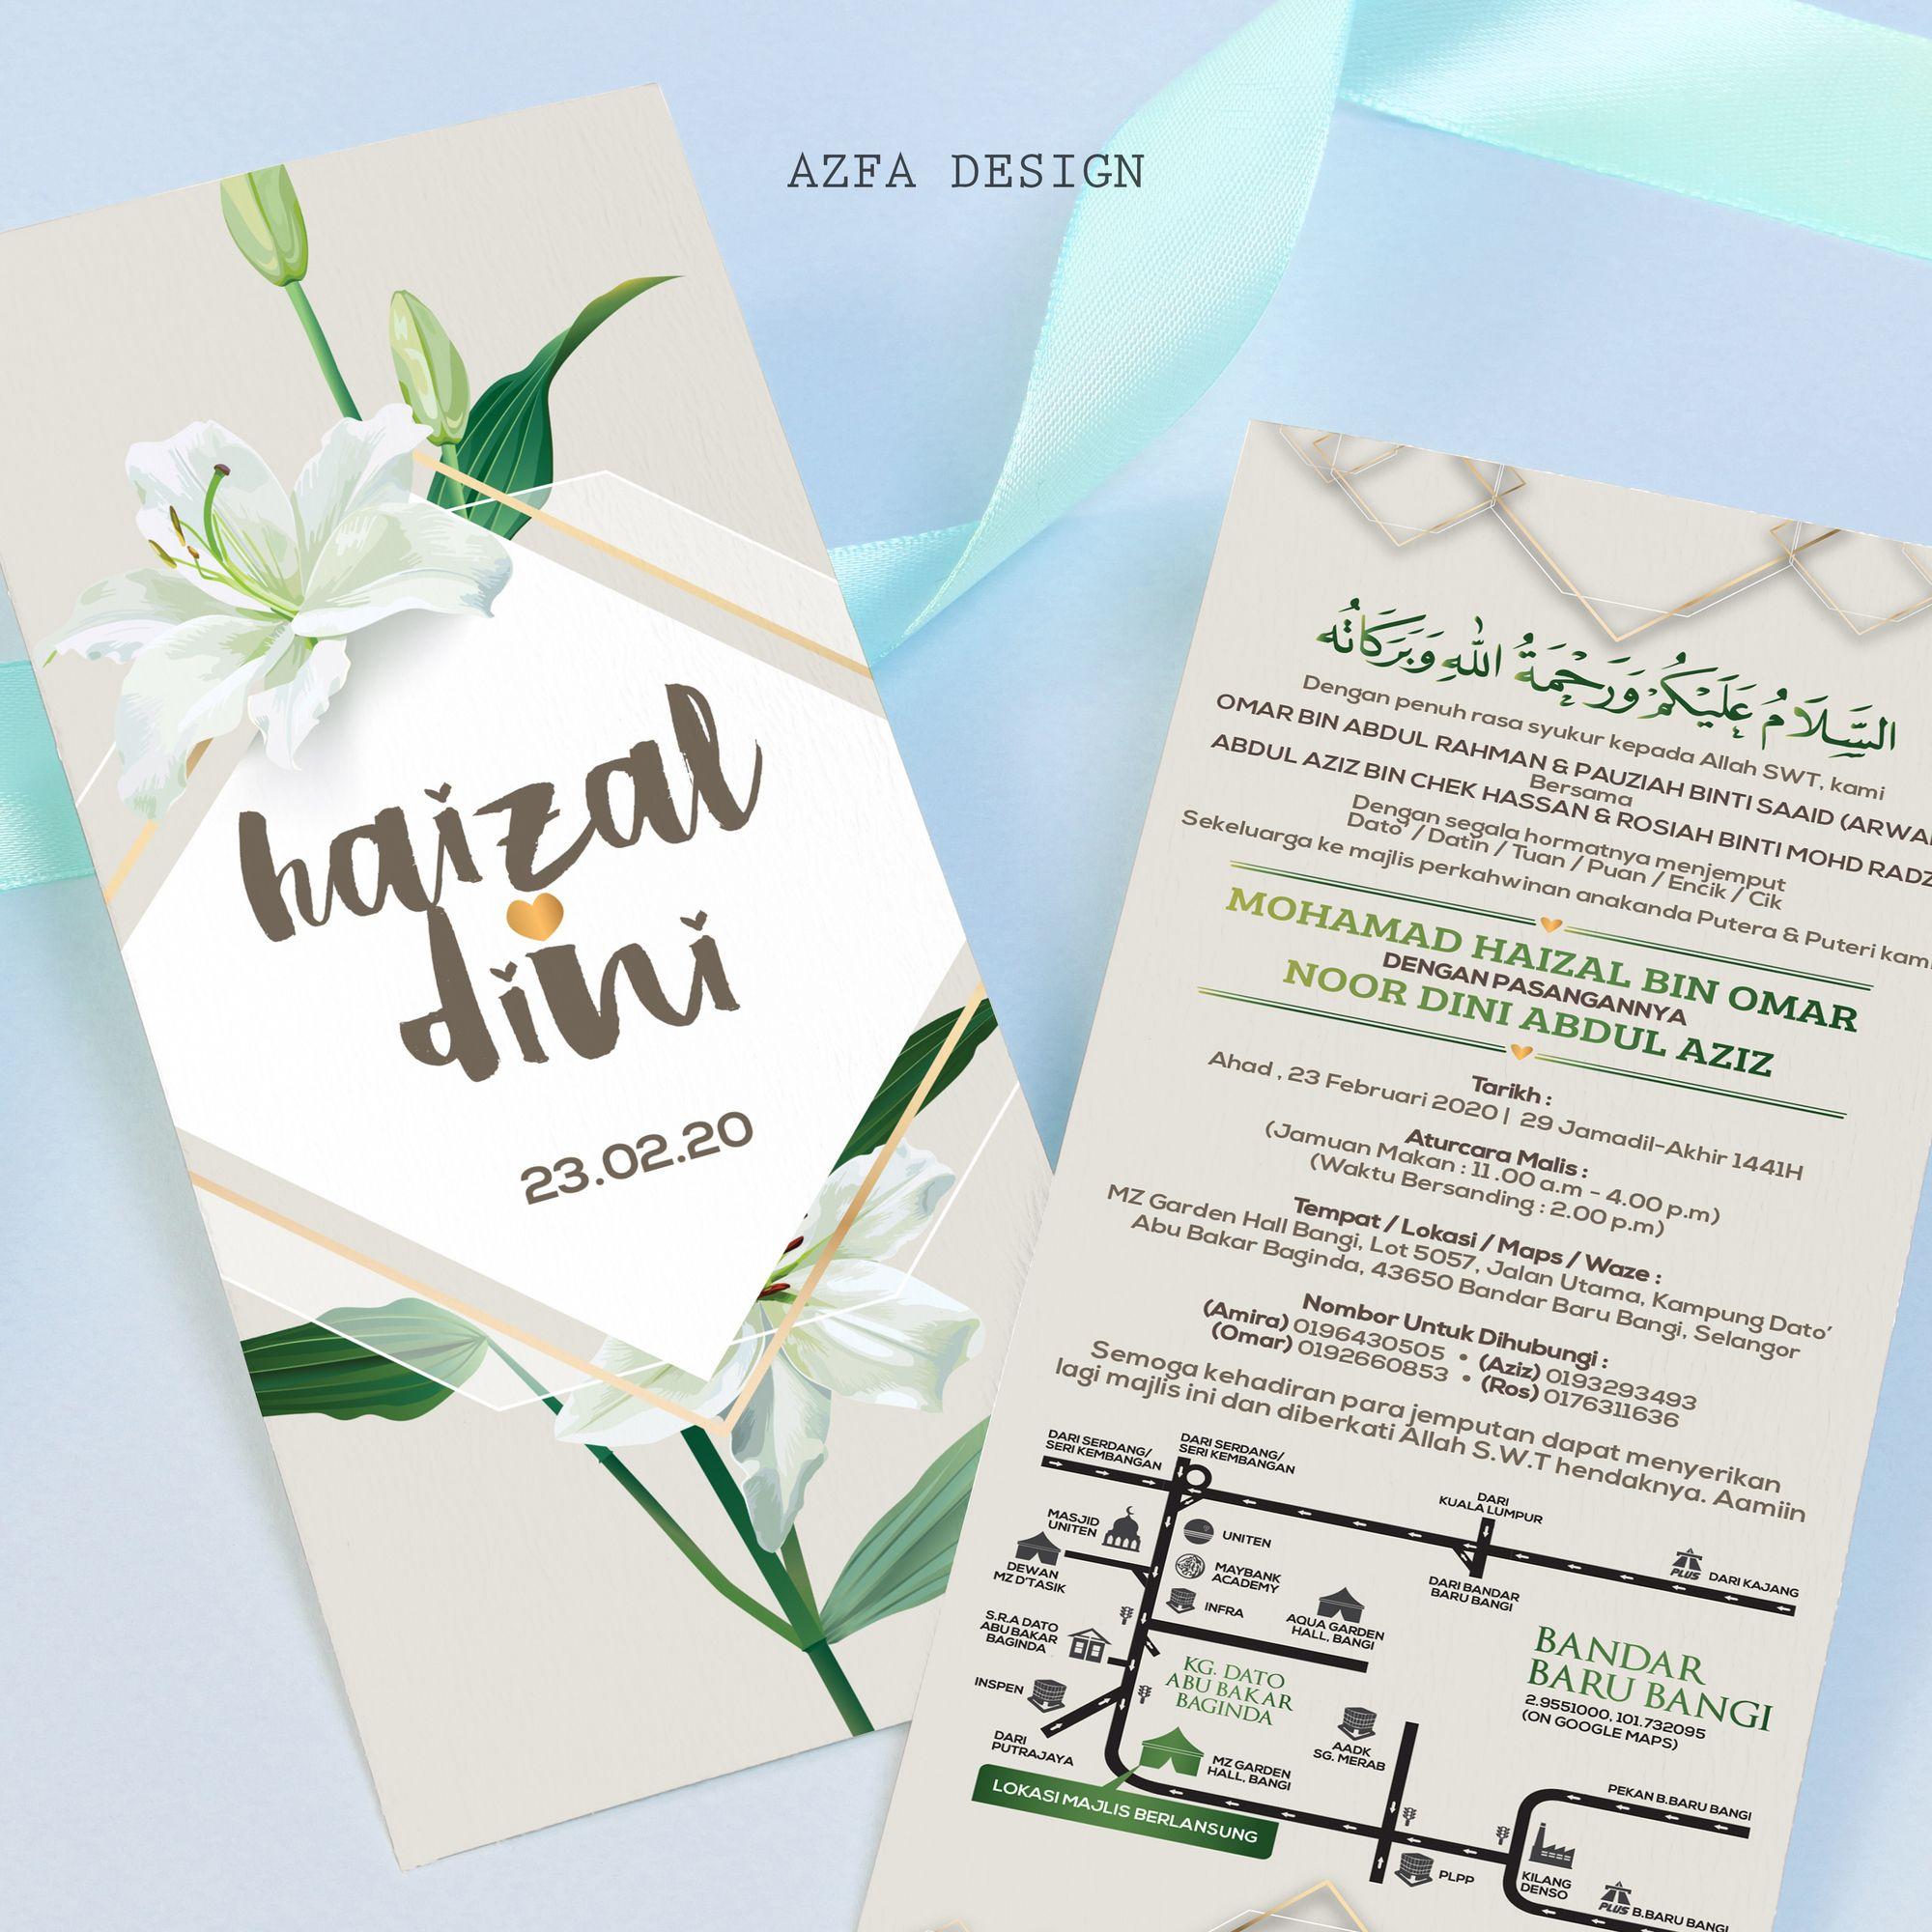 Kadkahwin Customize Kad Kahwin Anda Azfa Design Sedia Membantu Eh Taknak Ke Kad Kahwin Korang Nampak Spe Invitation Cards Invitations Whatsapp Message